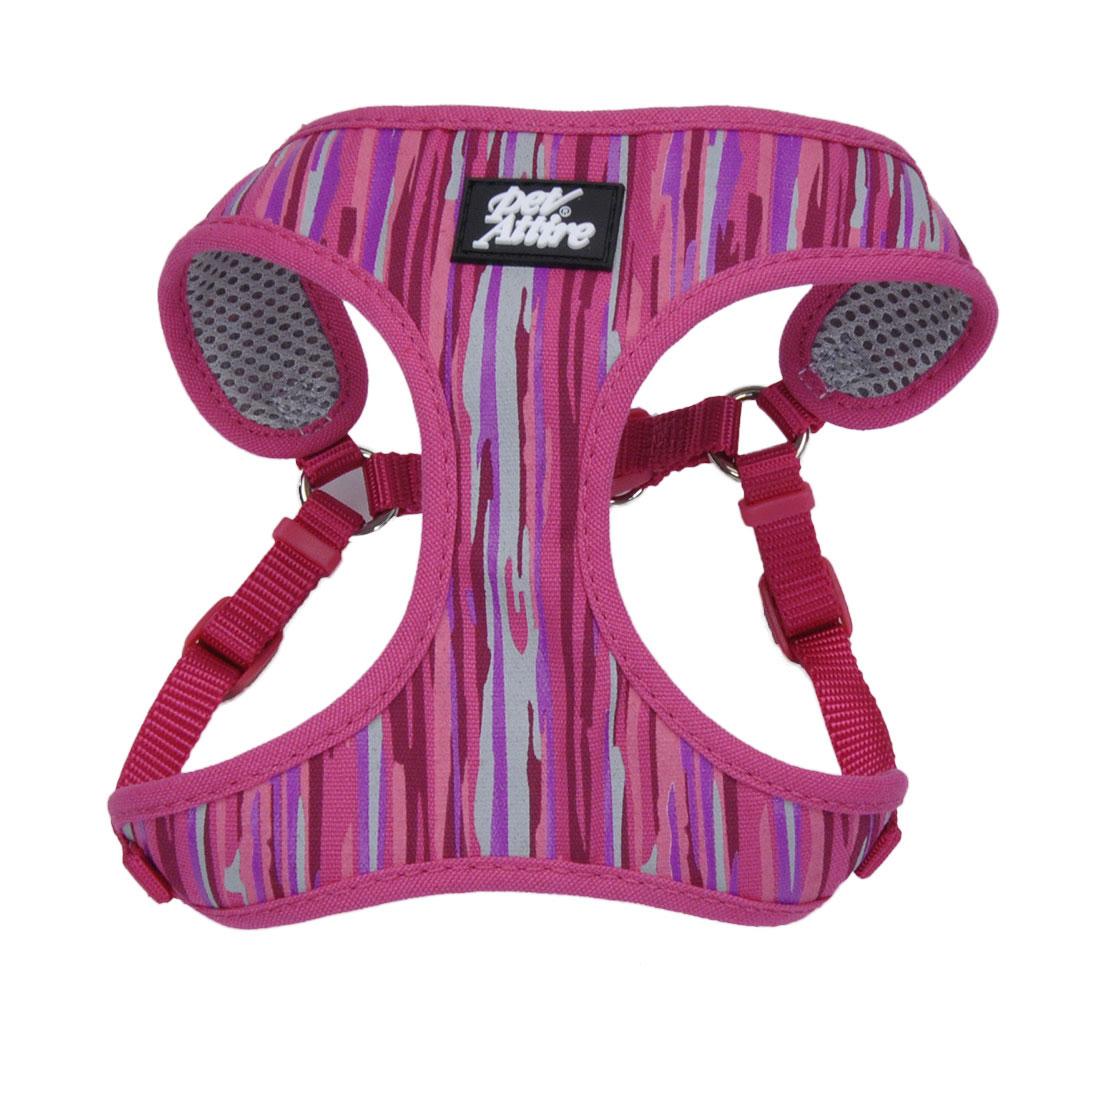 Ribbon Designer Wrap Adjustable Dog Harness, Pink Flamingo Stripe, 3/8-in x 14-in-16-in